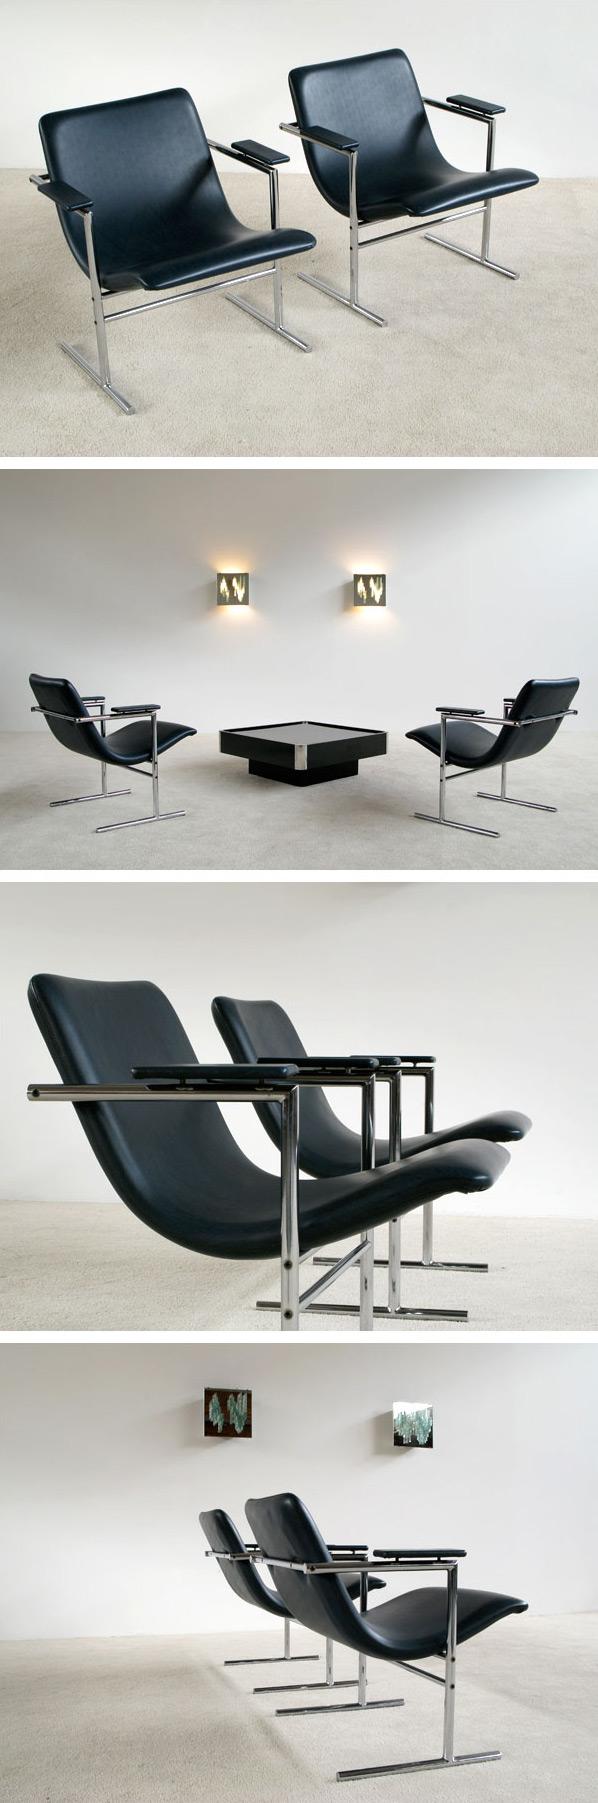 Pair of Rudi Verelst armchairs Oslo for Novalux Large